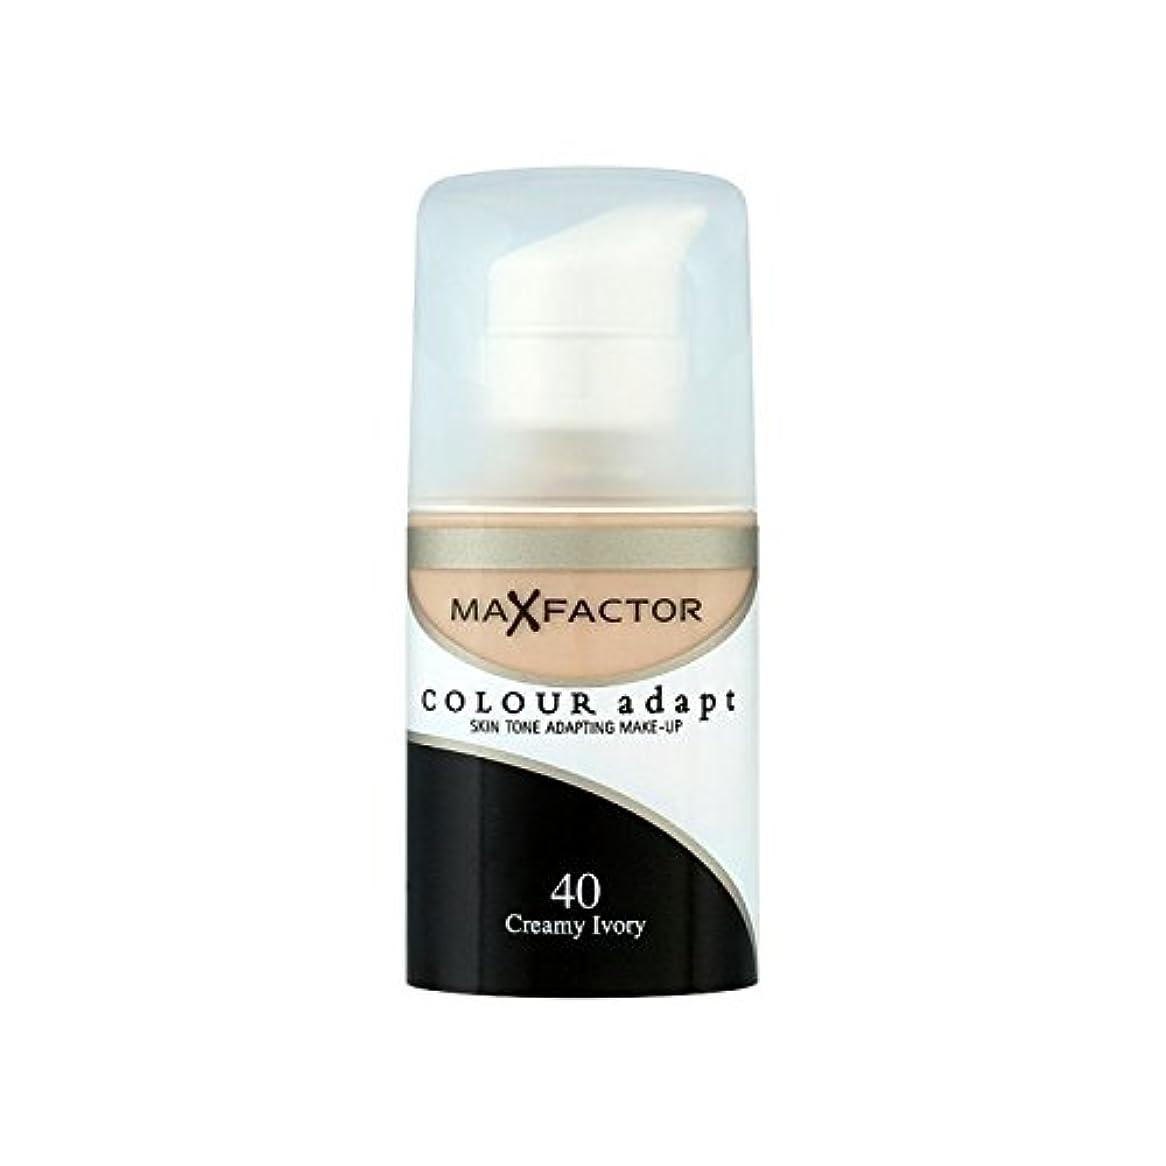 谷運賃充電Max Factor Colour Adapt Foundation Creamy Ivory 40 - マックスファクターの色は、基礎クリーミーな象牙40を適応させます [並行輸入品]